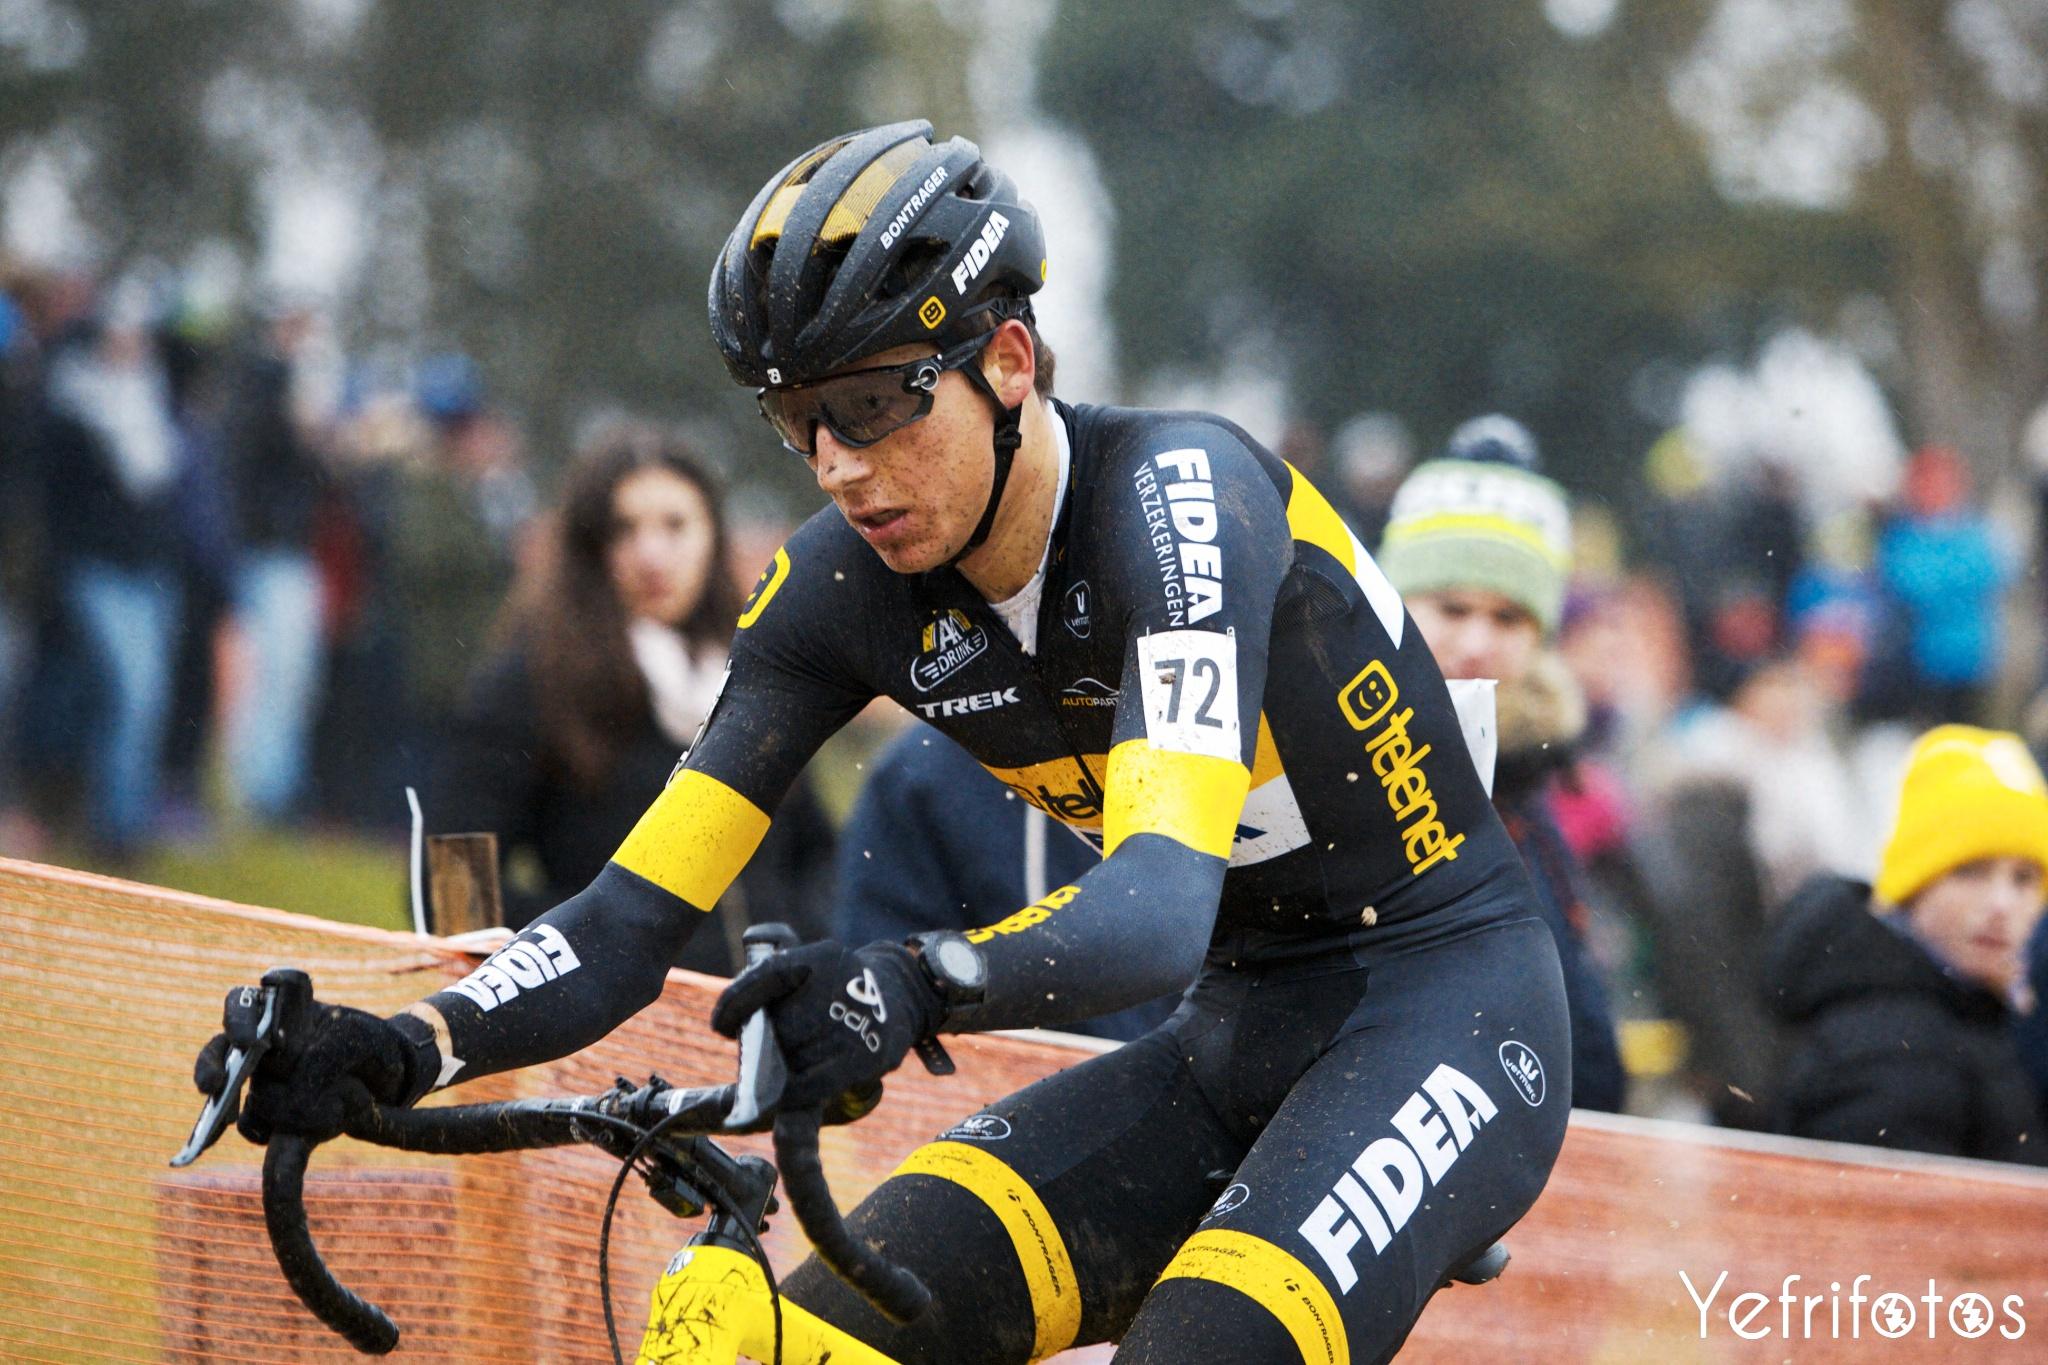 Nicolas Cleppe - Telenet Fidea Lions - Coupe de France Cyclocross Jablines